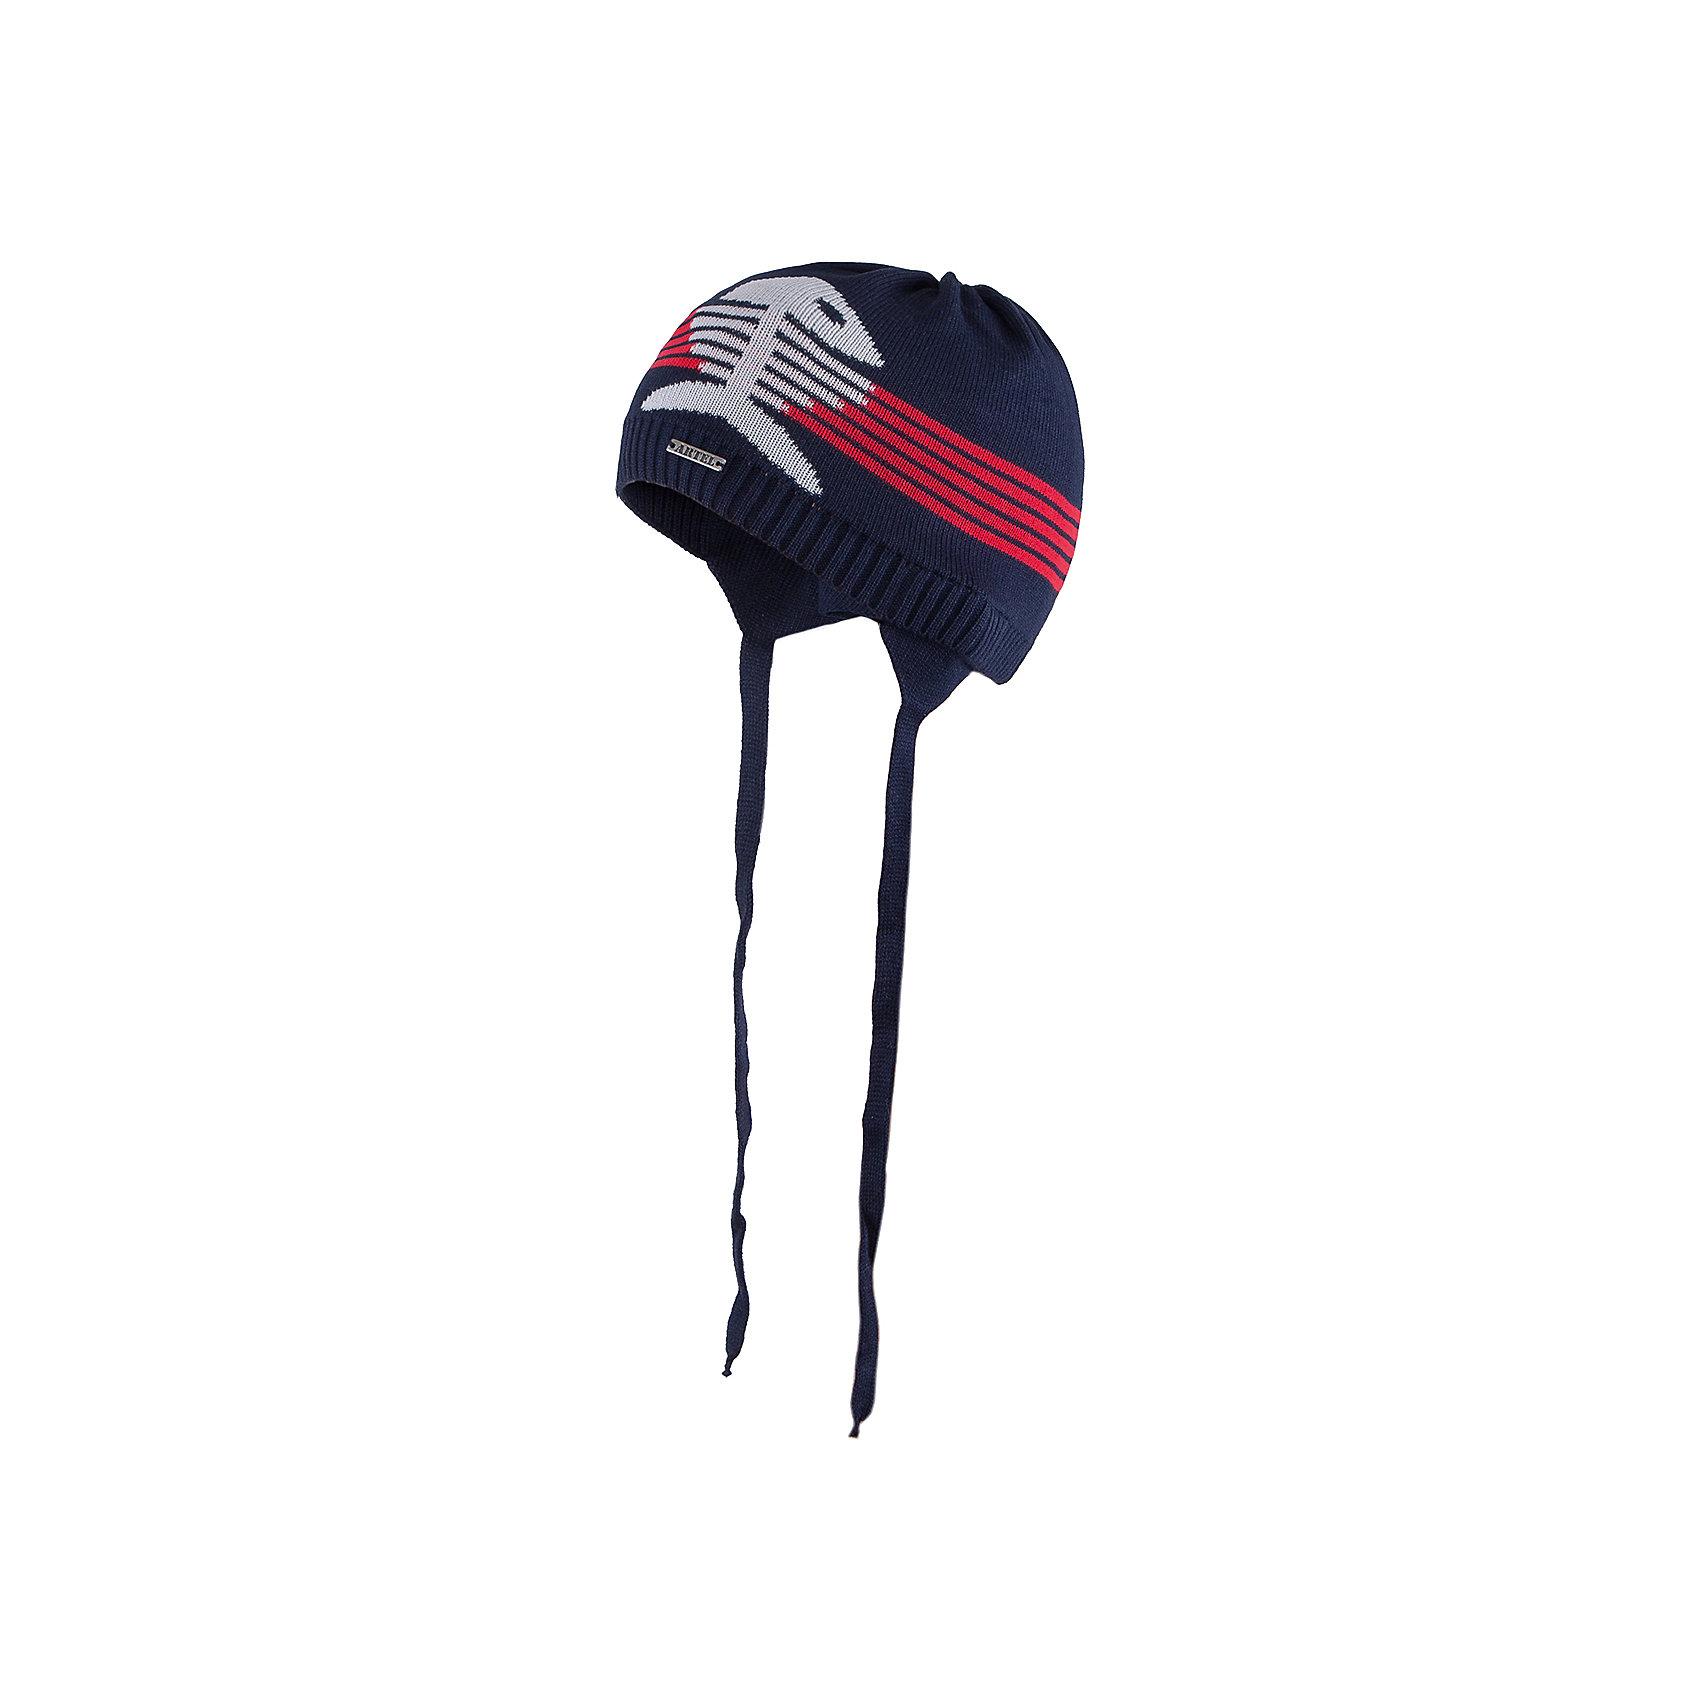 Шапка для мальчика АртельШапка для мальчика от торговой марки Артель <br><br>Модная шапка отлично смотрится на детях, обеспечивает комфорт и тепло. Изделие выполнено из качественных материалов, вязка плотная. Смешанный состав пряжи обеспечит износостойкость и удобство. Отличный вариант для переменной погоды межсезонья! <br>Одежда от бренда Артель – это высокое качество по приемлемой цене и всегда продуманный дизайн. <br><br>Особенности модели: <br>- цвет — синий; <br>- украшена вывязанной рыбой;<br>- пряжа смешанного состава. <br><br>Дополнительная информация: <br><br>Состав: 50% хлопок, 50% пан.<br><br><br>Температурный режим: <br>От -5 °C до +15 °C <br><br>Шапку для мальчика Артель (Artel) можно купить в нашем магазине.<br><br>Ширина мм: 89<br>Глубина мм: 117<br>Высота мм: 44<br>Вес г: 155<br>Цвет: синий<br>Возраст от месяцев: 9<br>Возраст до месяцев: 12<br>Пол: Мужской<br>Возраст: Детский<br>Размер: 46,50,52,48<br>SKU: 4500510